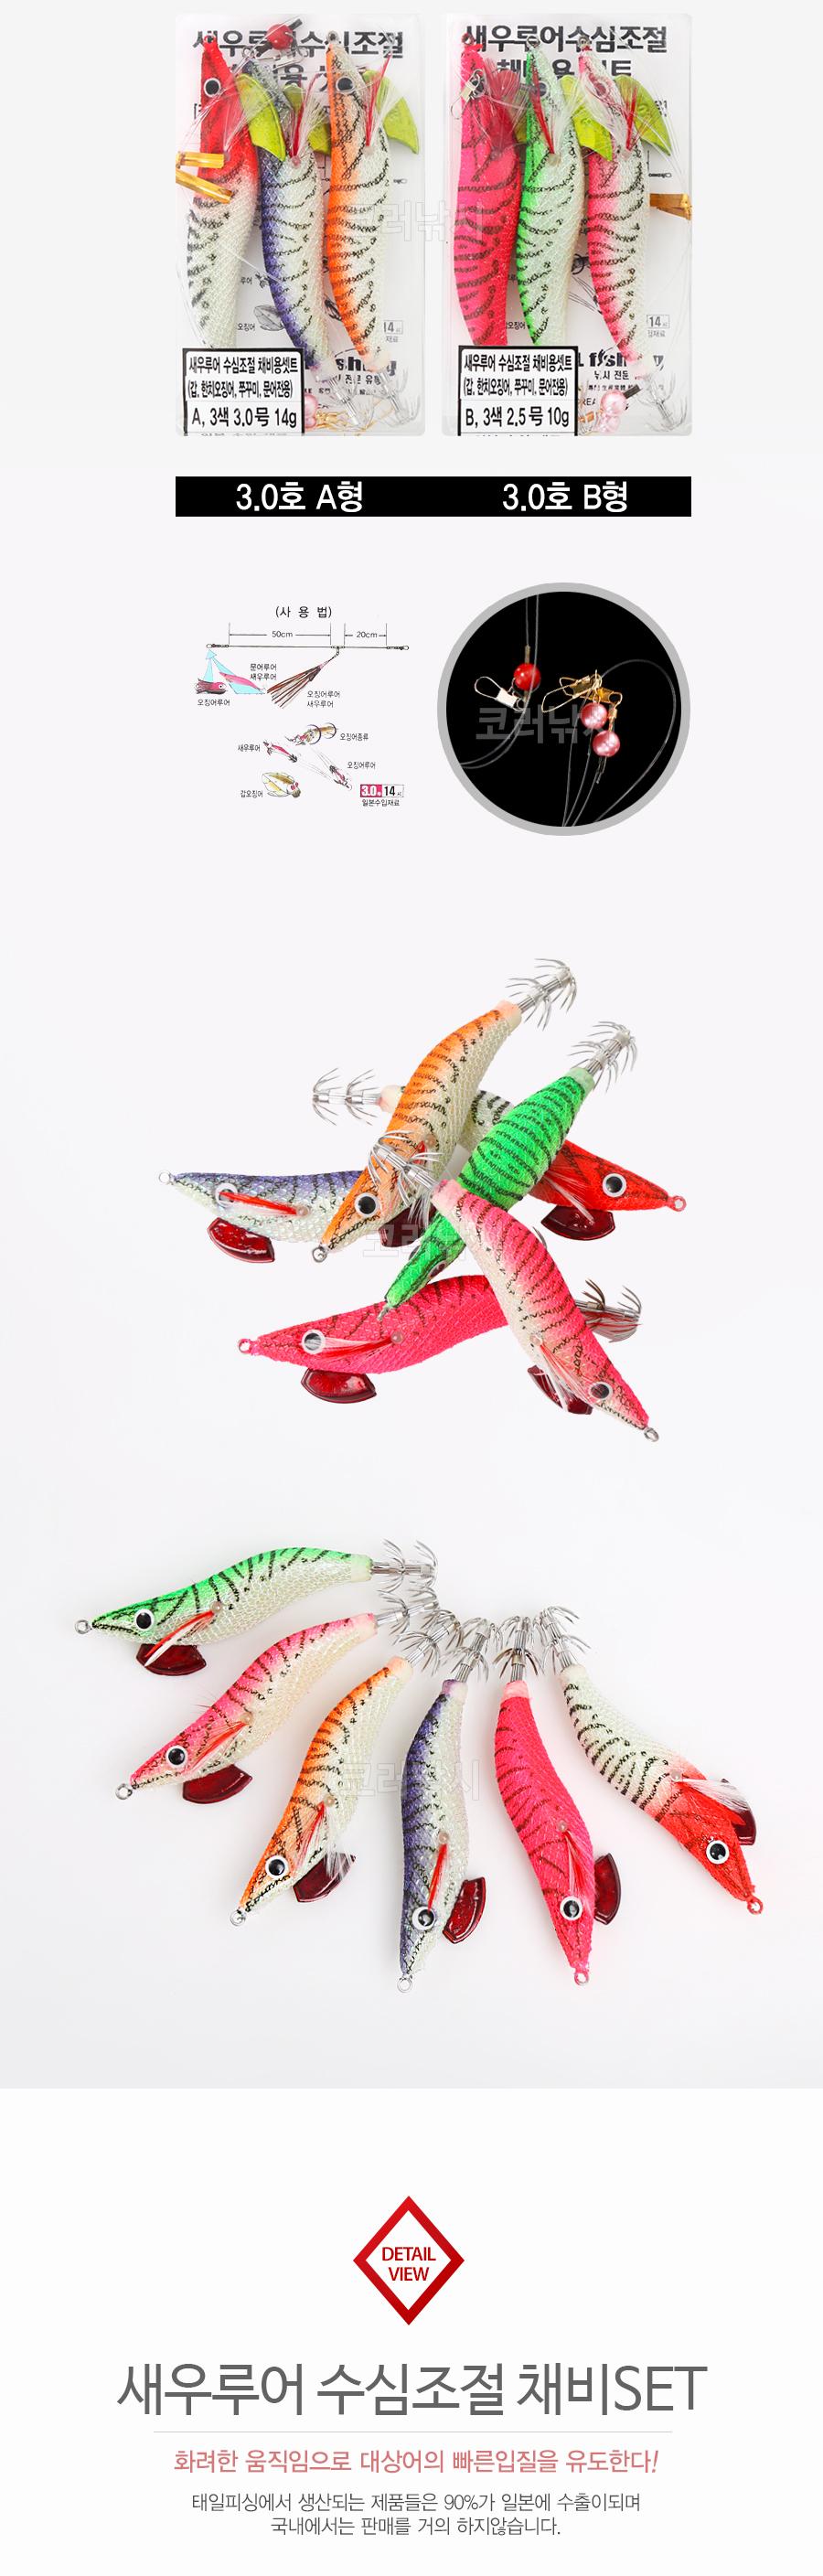 태일 새우루어 수심조절 채비용셋트 갑오징어채비 한치채비 쭈꾸미채비 문어채비 에깅 에기